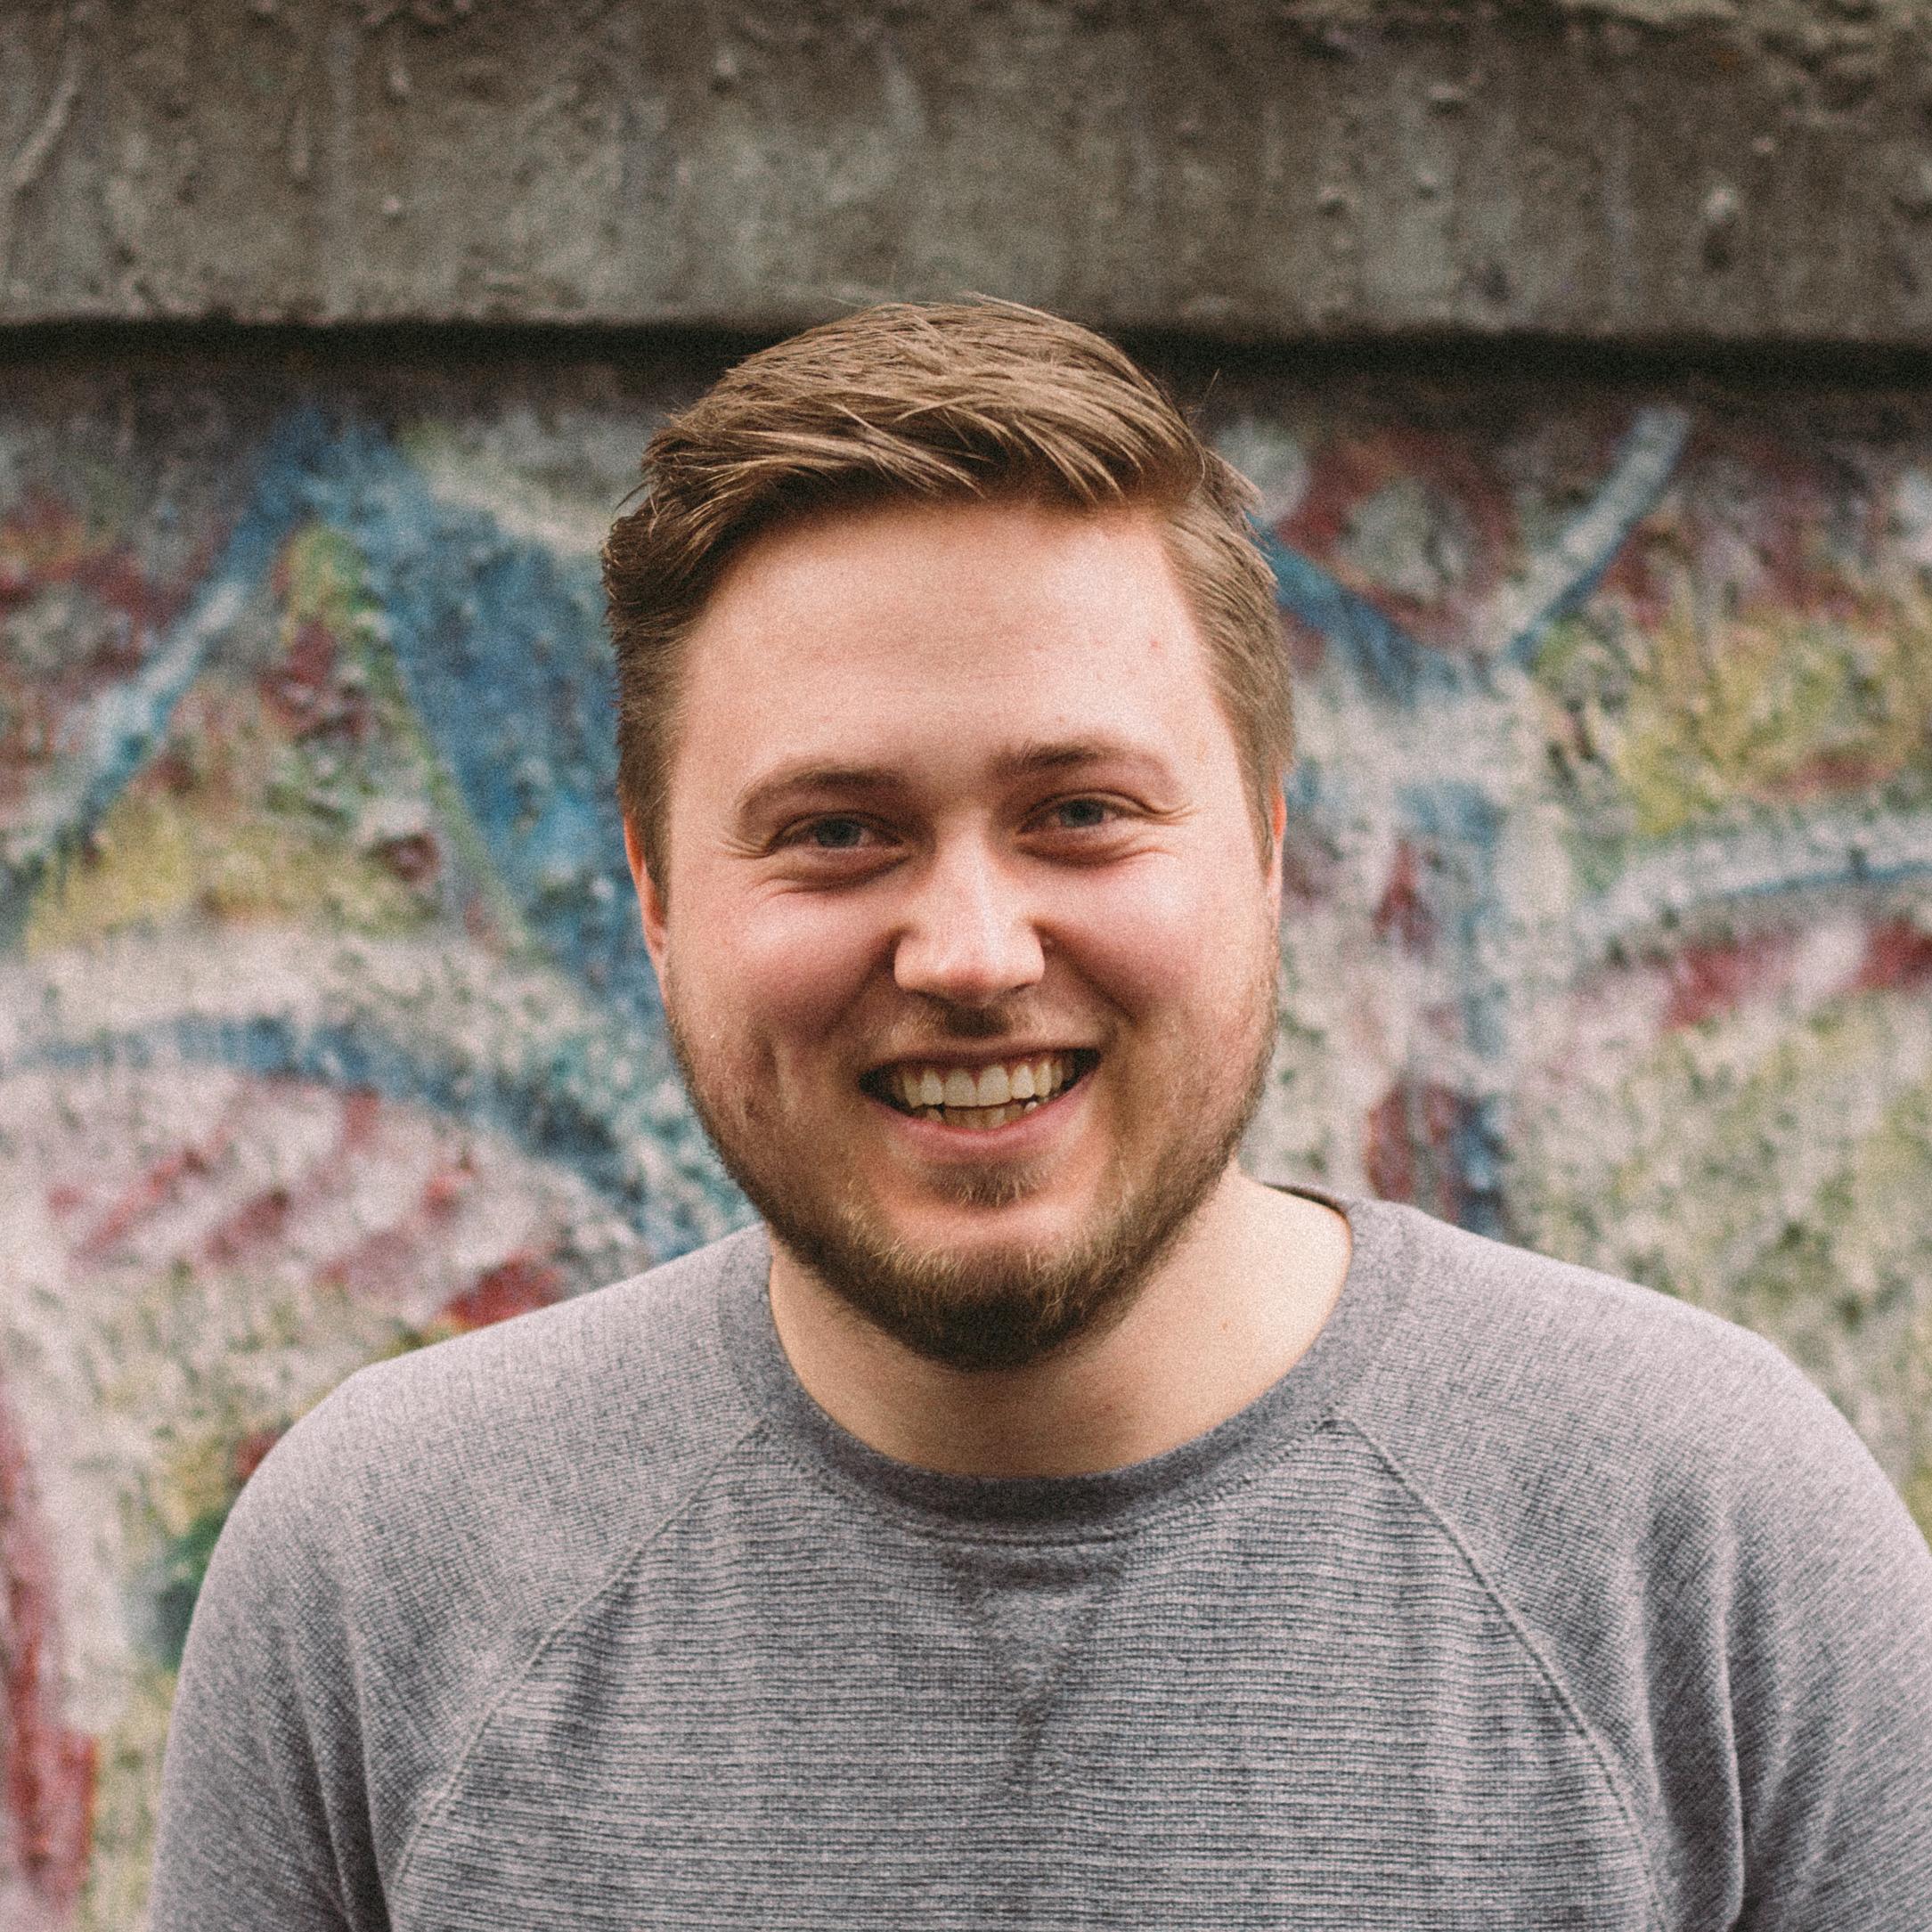 Andreas Eliassen